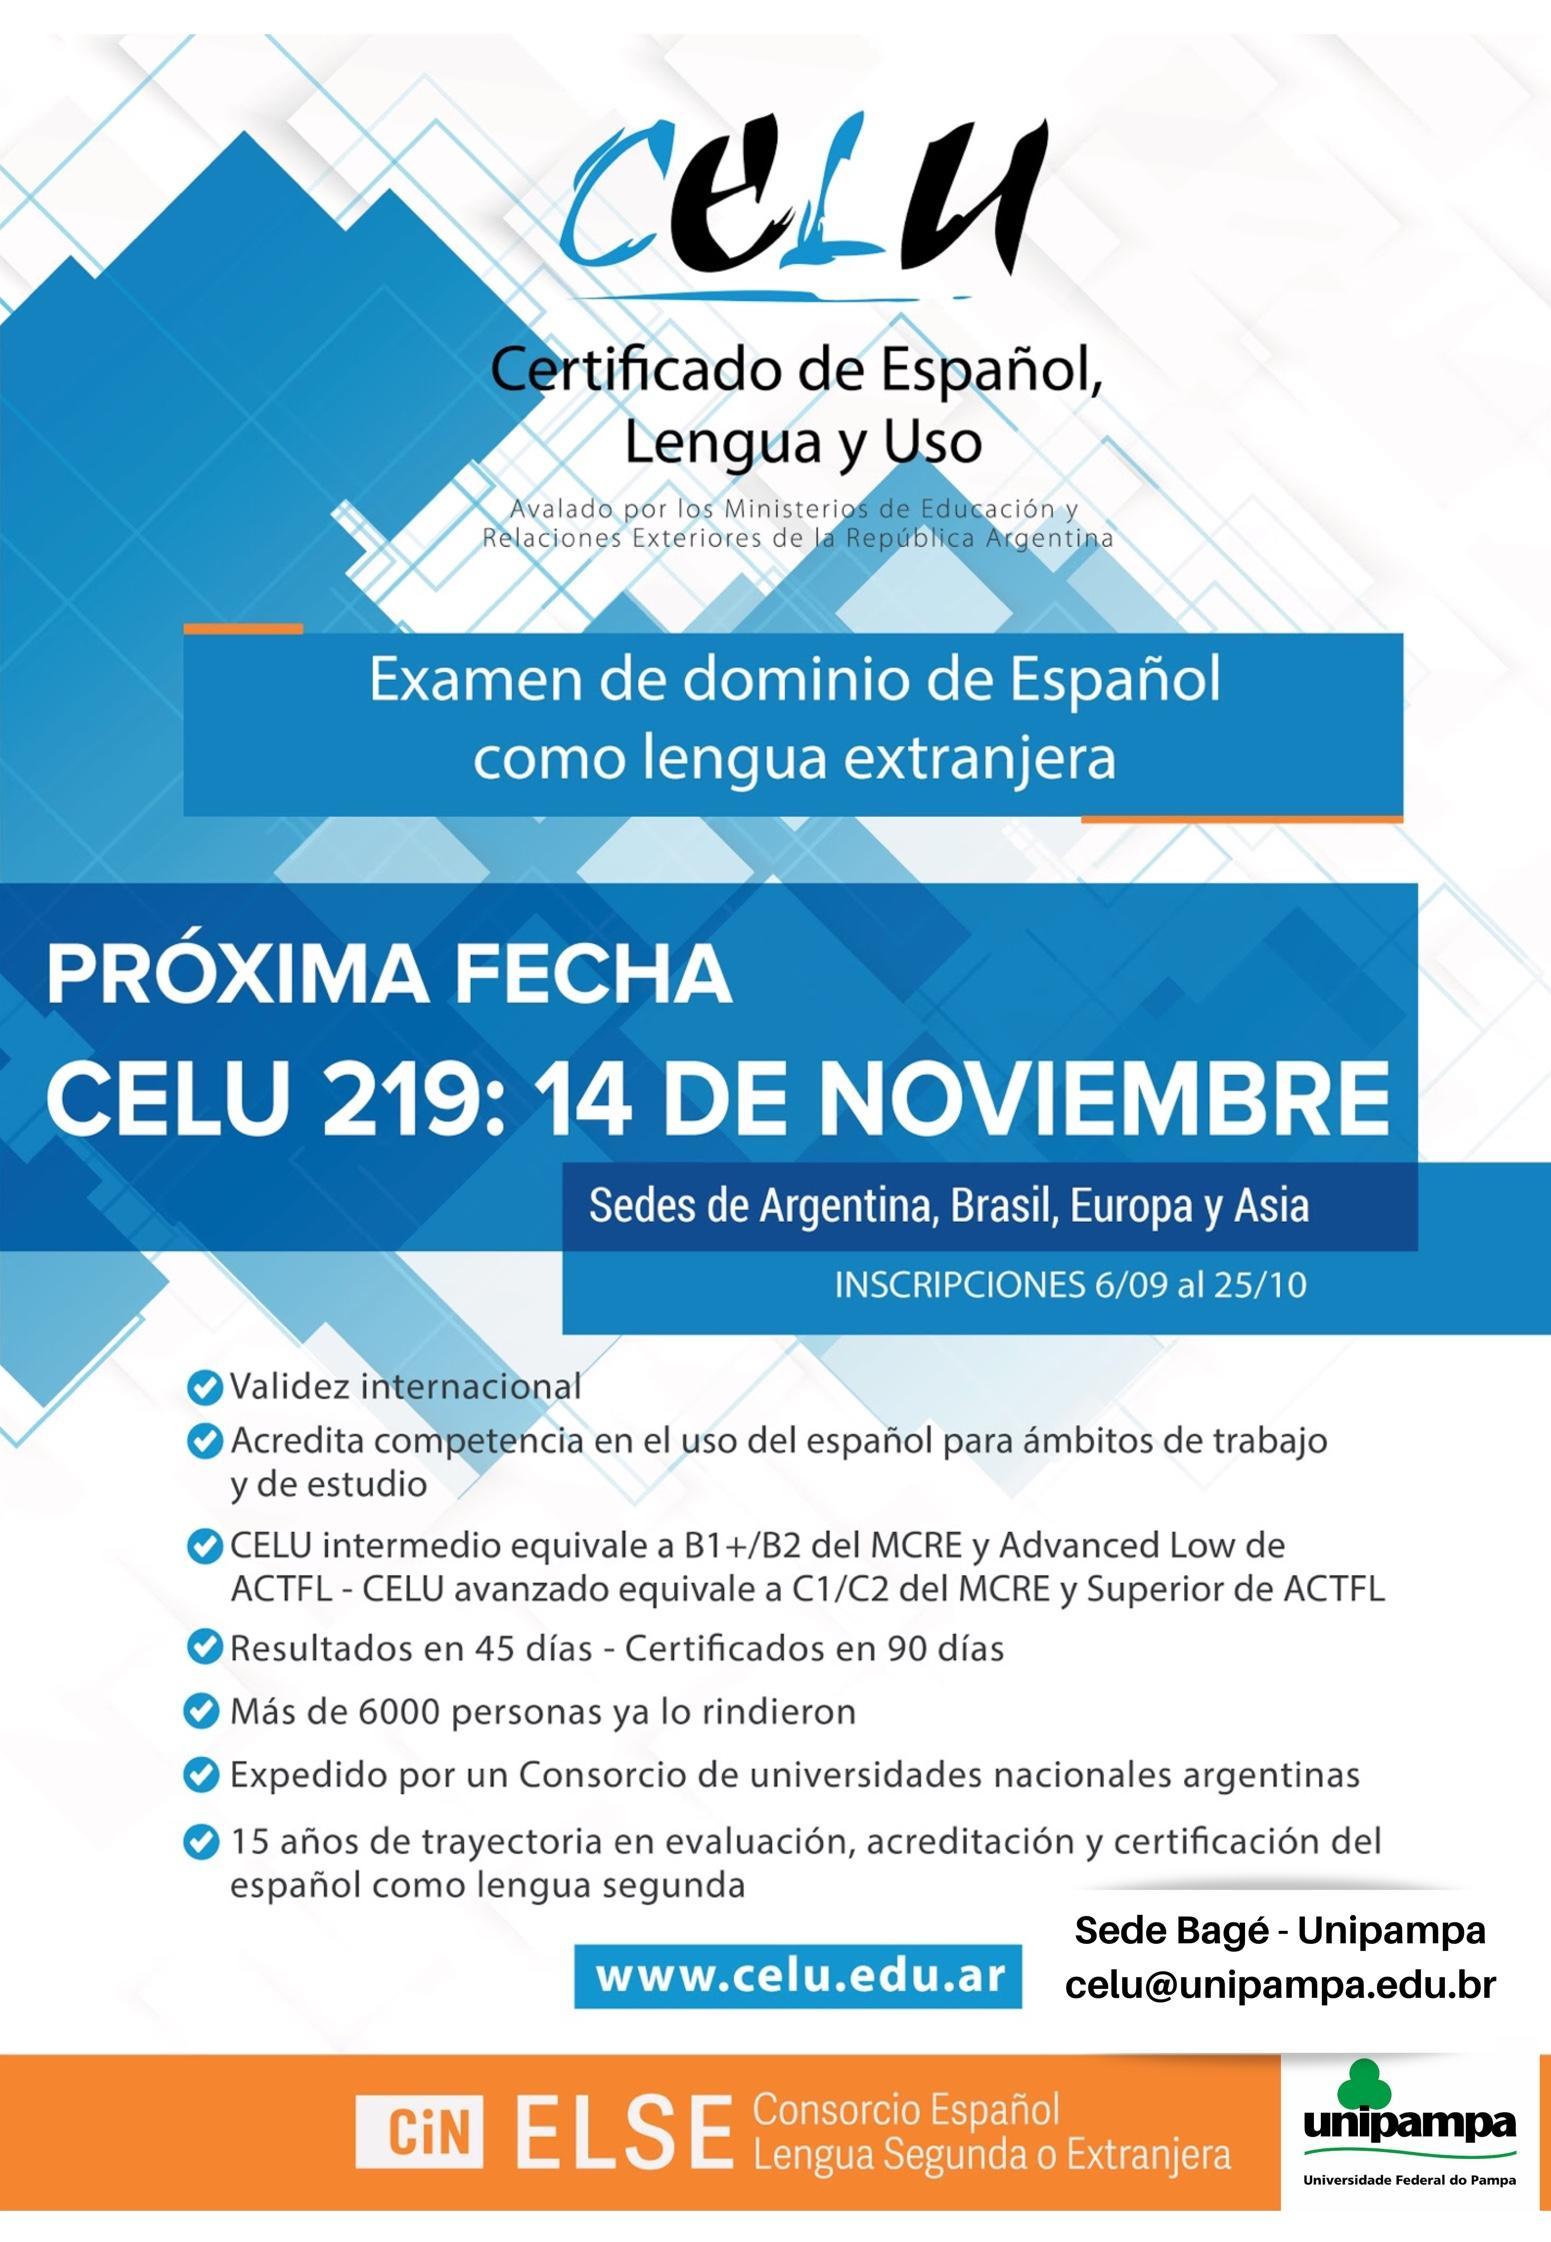 CELU será aplicado em 14 de novembro na Unipampa